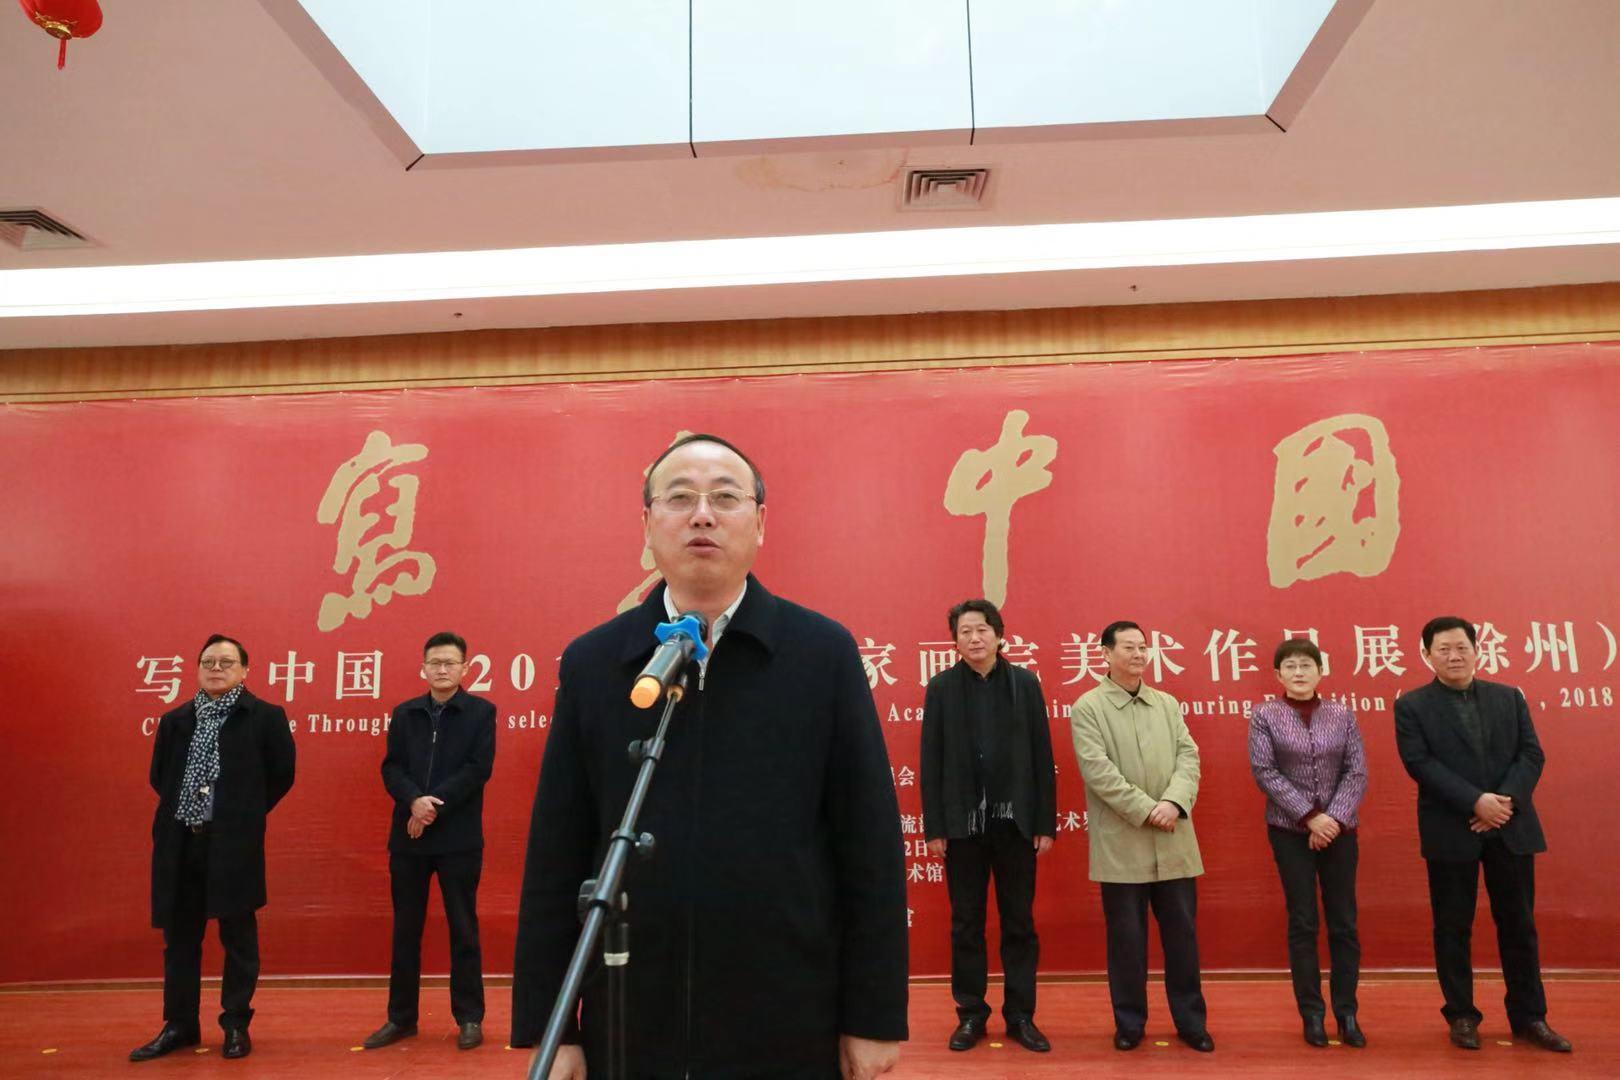 滁州市委书记张祥安宣布开幕